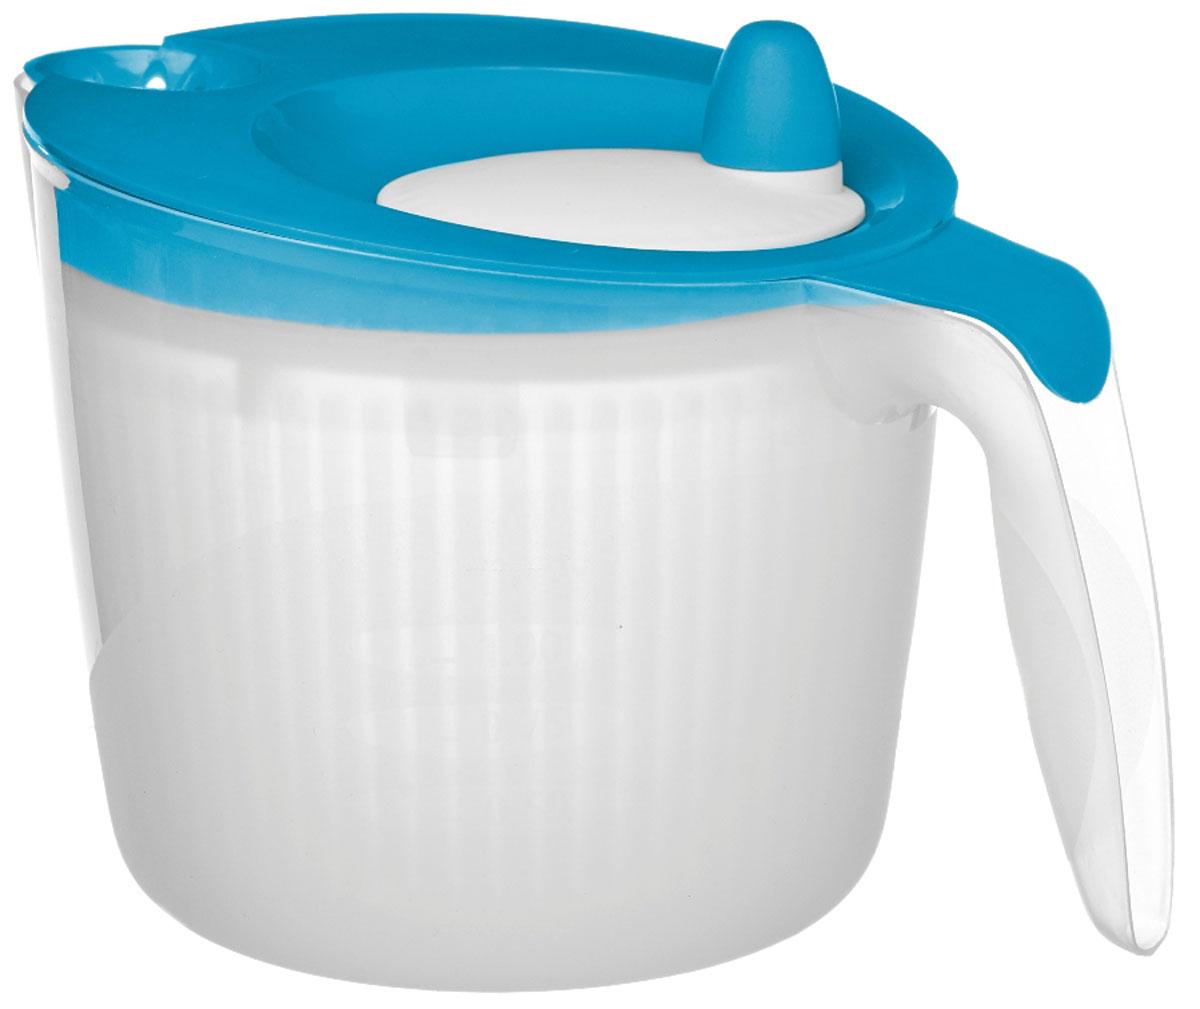 Сушилка для салата Walmer Rainbow, цвет: голубой, 1,8 л54 009312Сушилка для салата Walmer Rainbow - незаменимая вещь на кухне. Обсушивать в ней можно, конечно же, не только салат, но любую зелень: петрушку, укроп, перья лука, рукколу. Объем сушилки - 1,8 литра, а значит, вы сможете высушить за раз большой пучок зелени. Внутри сушилки находится вращающаяся сетчатая емкость. На крышке - ручка, которая эту емкость раскручивает. Положите зелень в сушилку, закройте крышку и прокрутите несколько раз ручку. Центрифуга внутри раскрутится и буквально стряхнет всю влагу с зелени.Сушилка для салата Walmer Rainbow непременно понравится каждой хозяйке.